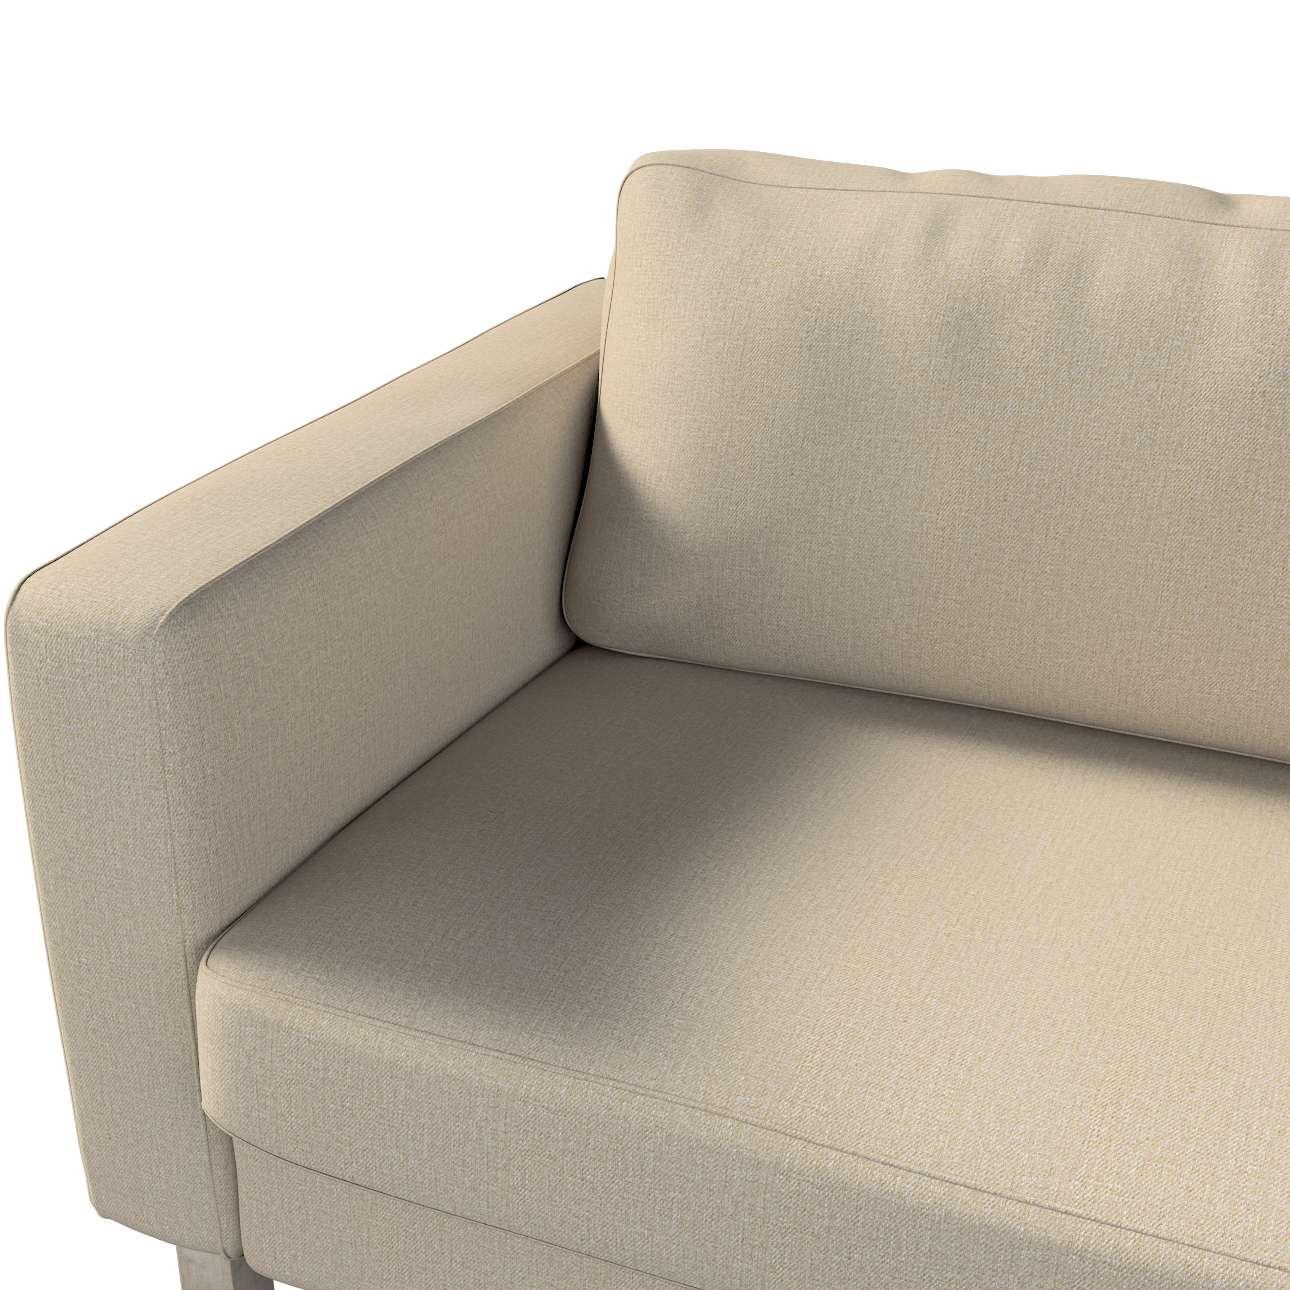 Potah na pohovku IKEA  Karlstad 3-místná, nerozkládací, krátký v kolekci Edinburgh, látka: 115-78